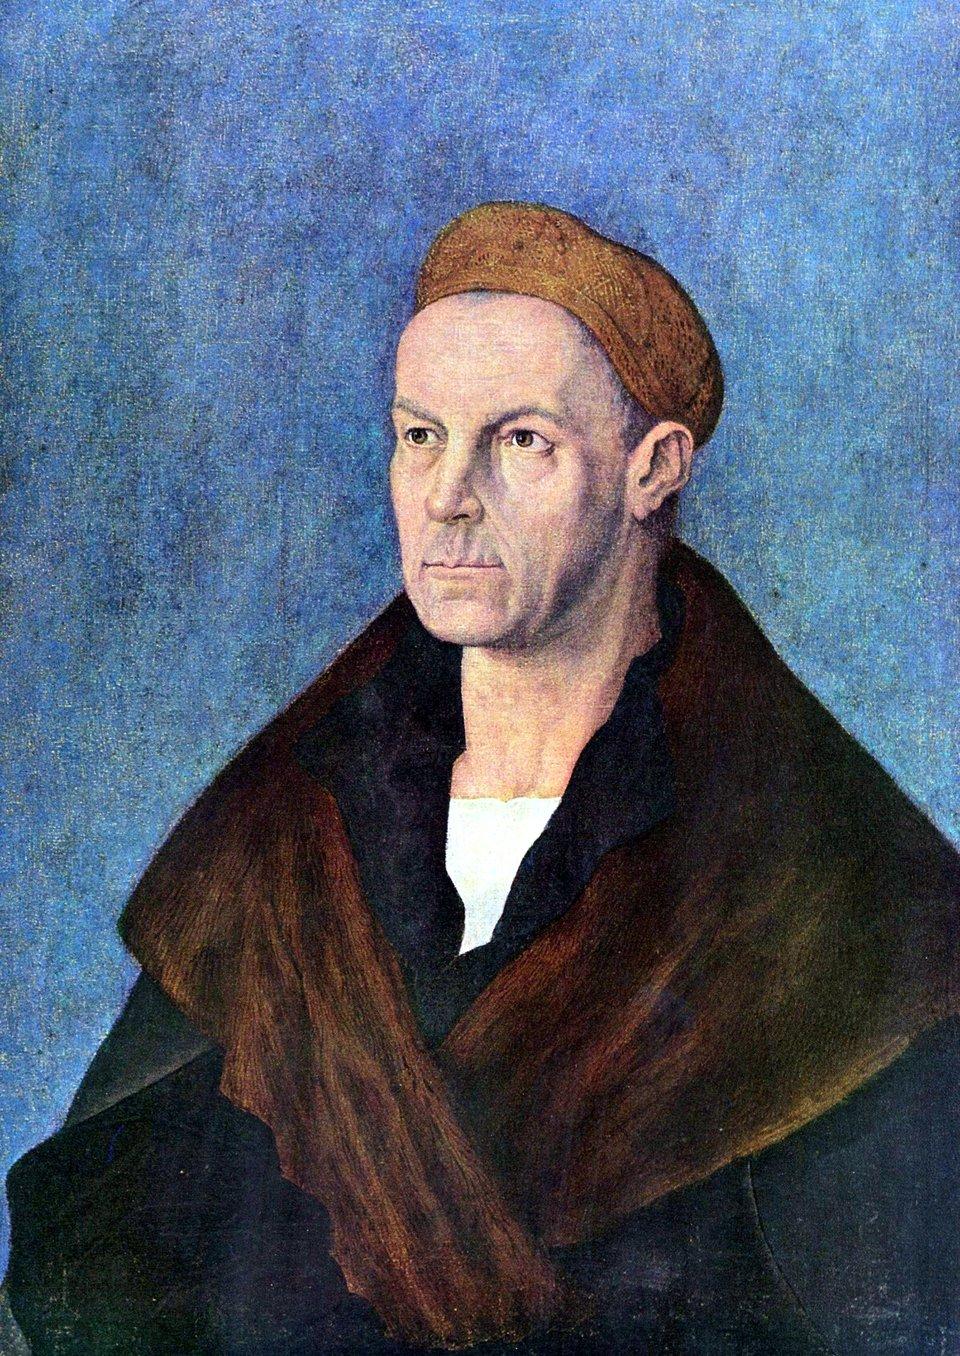 Jacob Fugger Bogaty Źródło: Albrecht Dürer, Jacob Fugger Bogaty, 1519, tempera na płótnie, Staatsgalerie Altdeutsche Meister, Augsburg, domena publiczna.